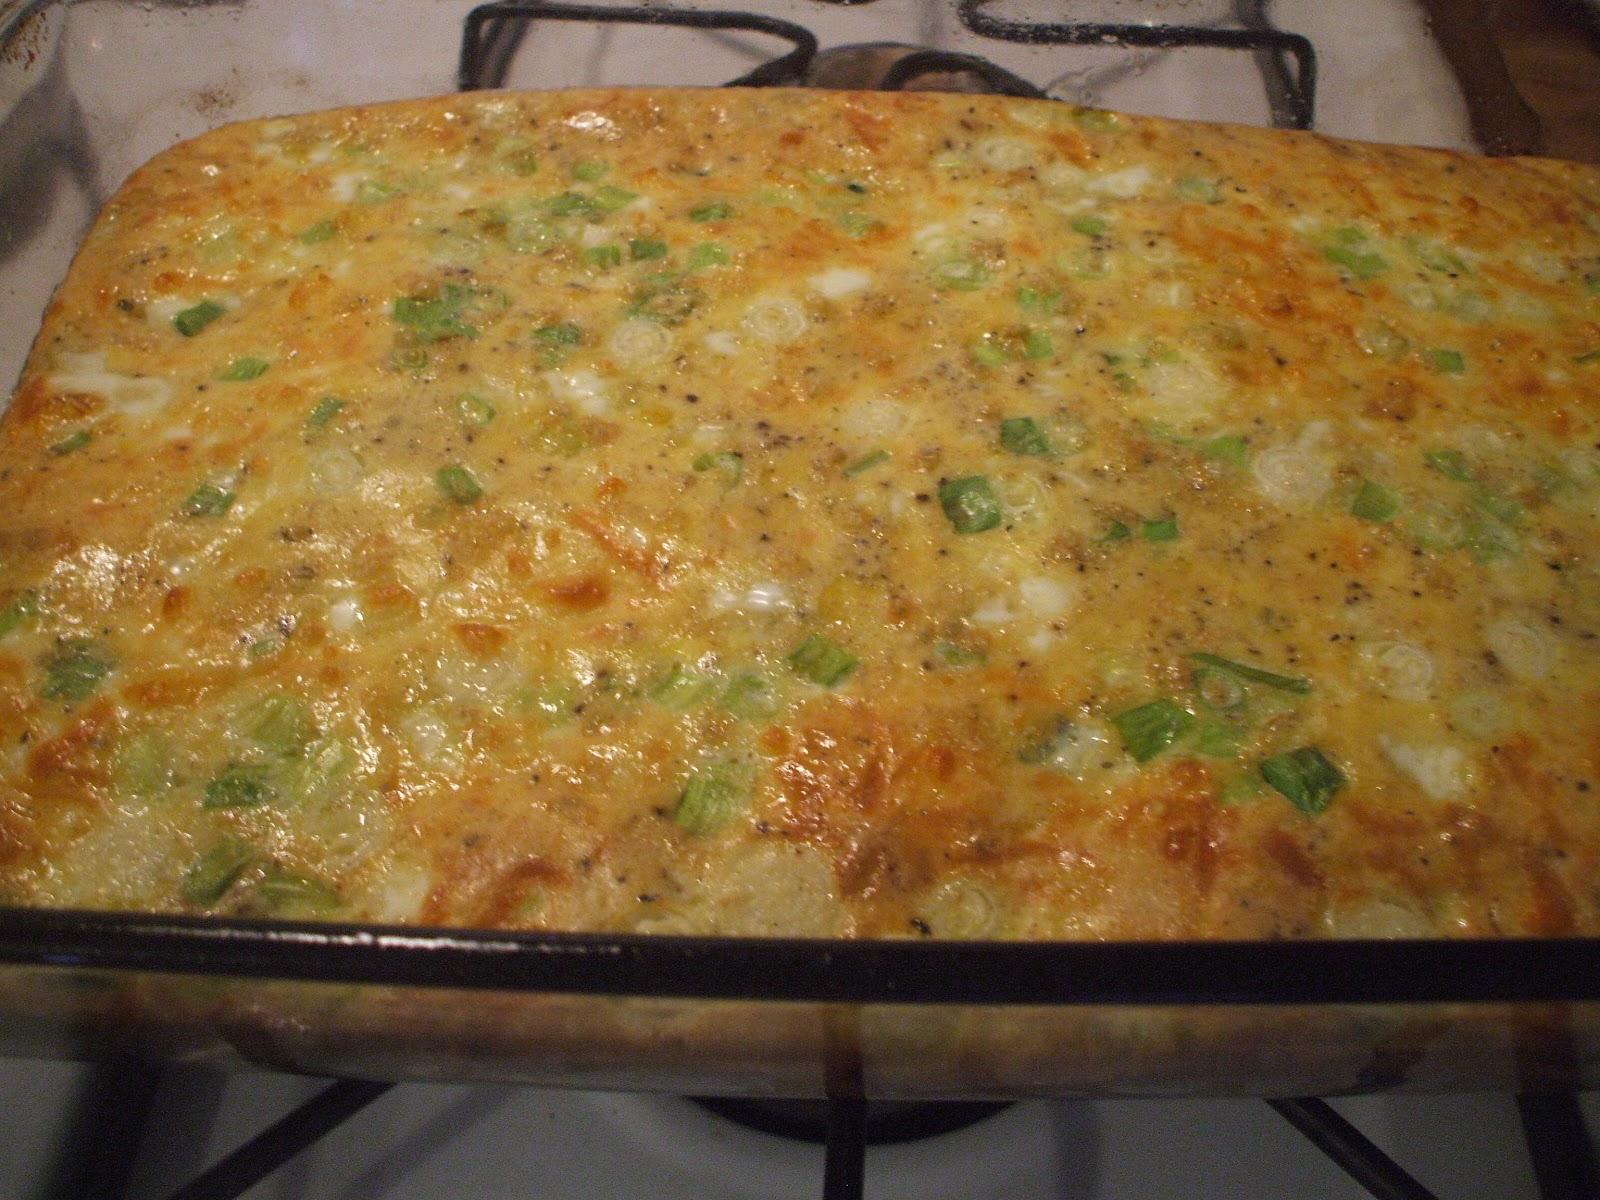 Gray Cardigan: Spinach & Mozzarella Egg Bake